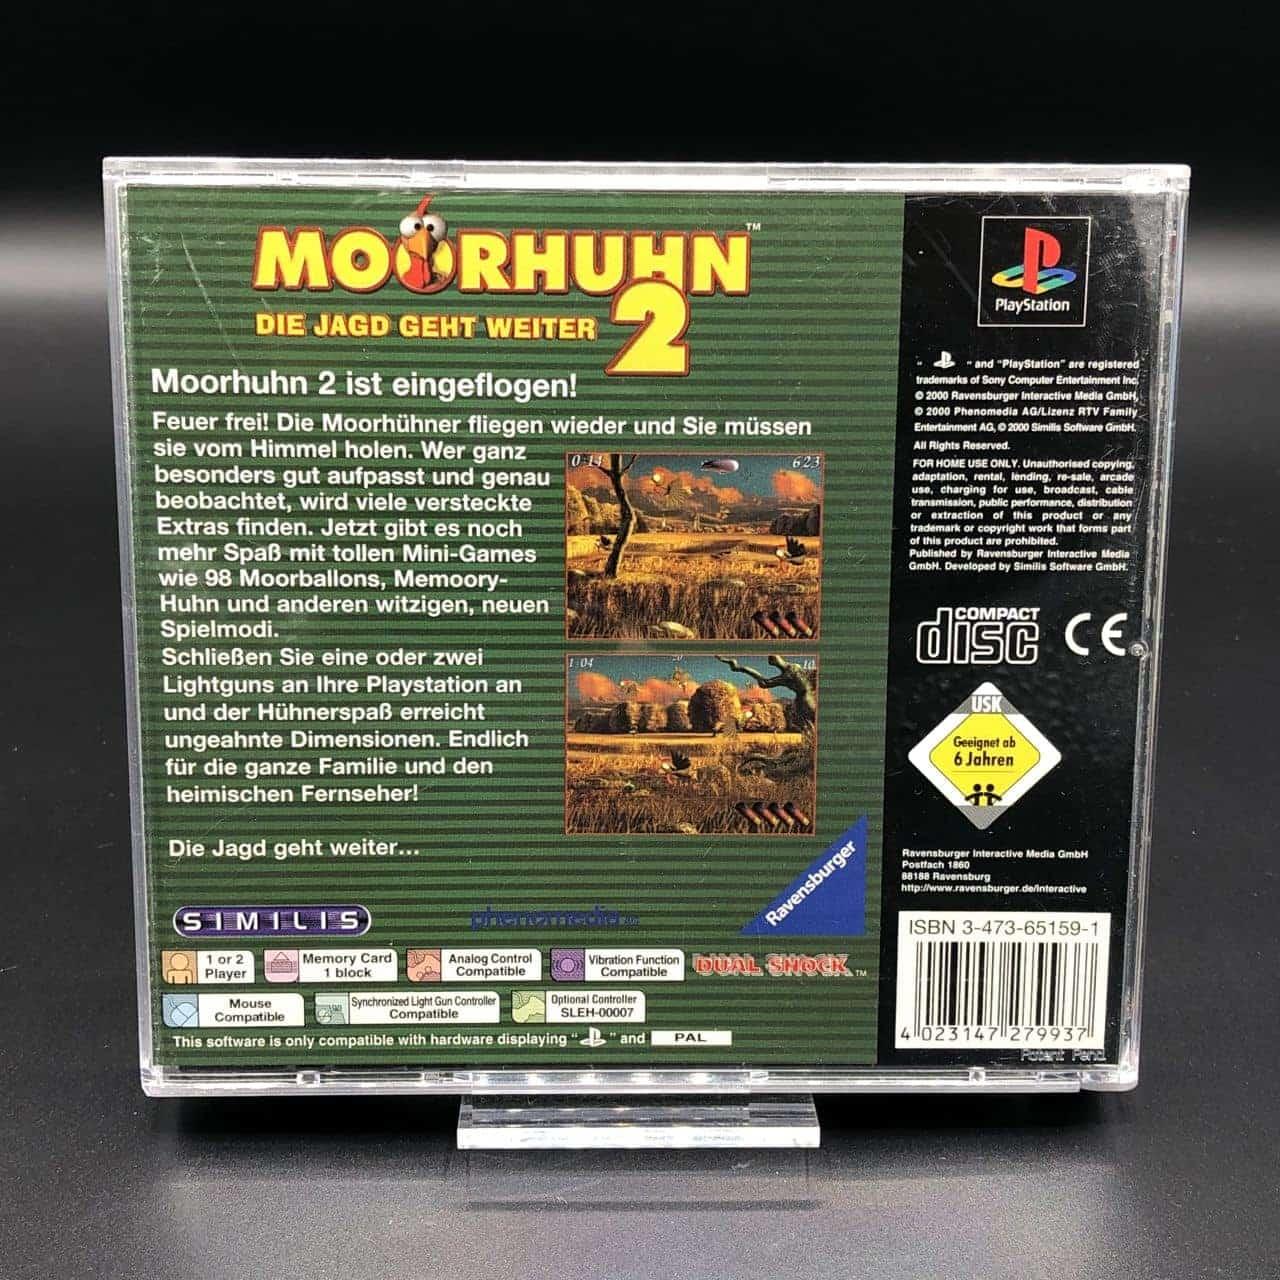 PS1 Moorhuhn 2 (Komplett) (Sehr gut) Sony PlayStation 1